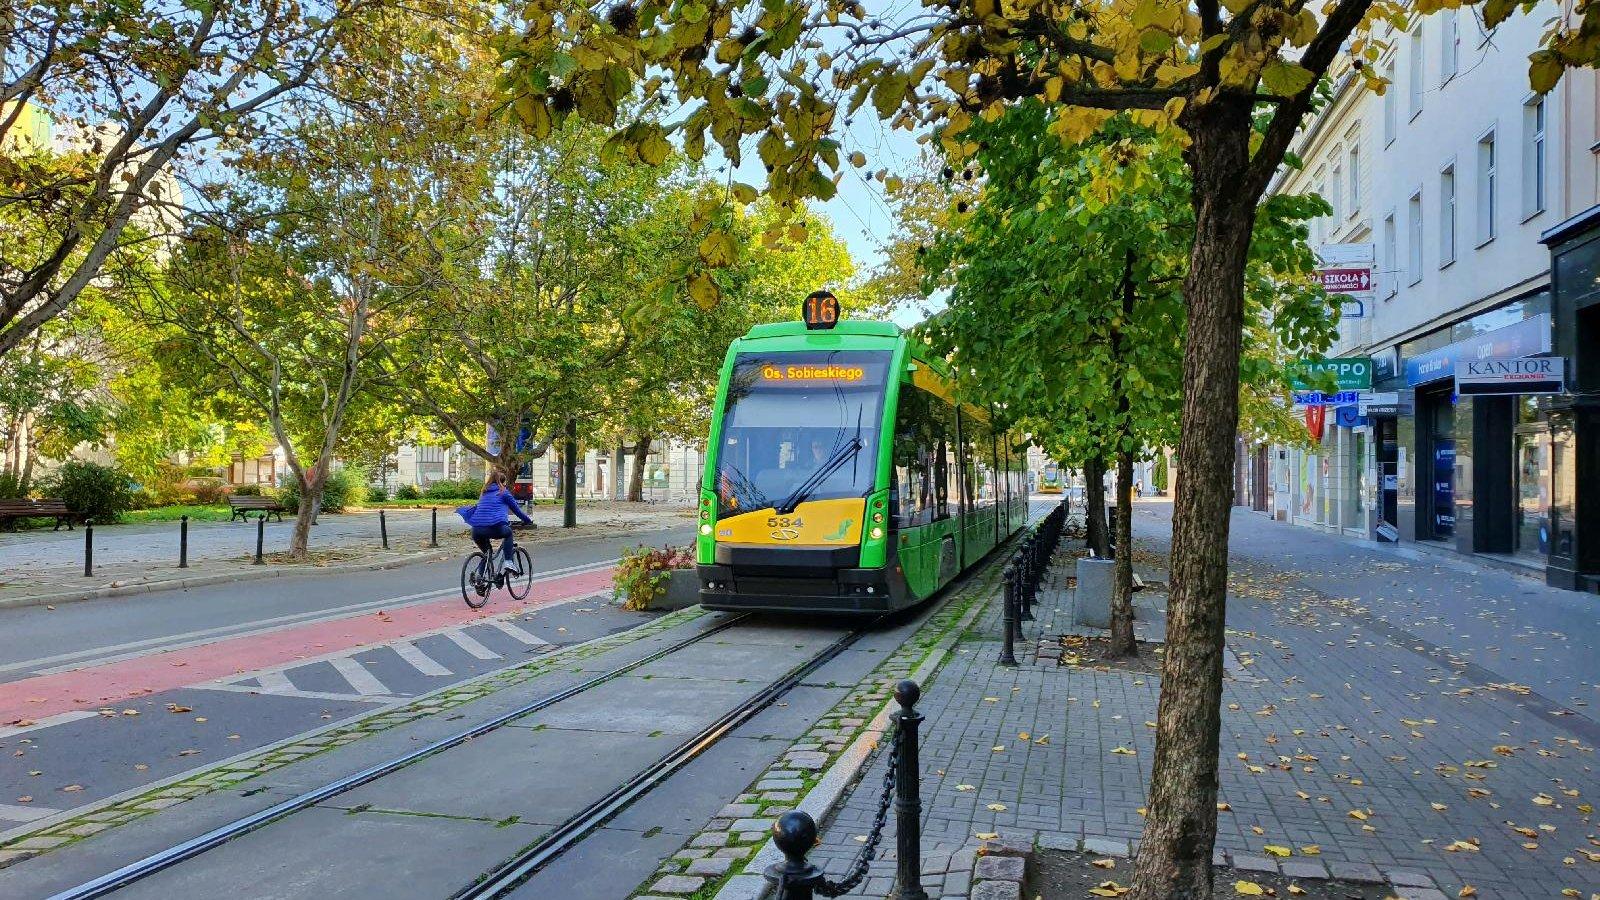 Tramwaj i rowerzystka na zadrzewionej ul. 27 grudnia - grafika artykułu